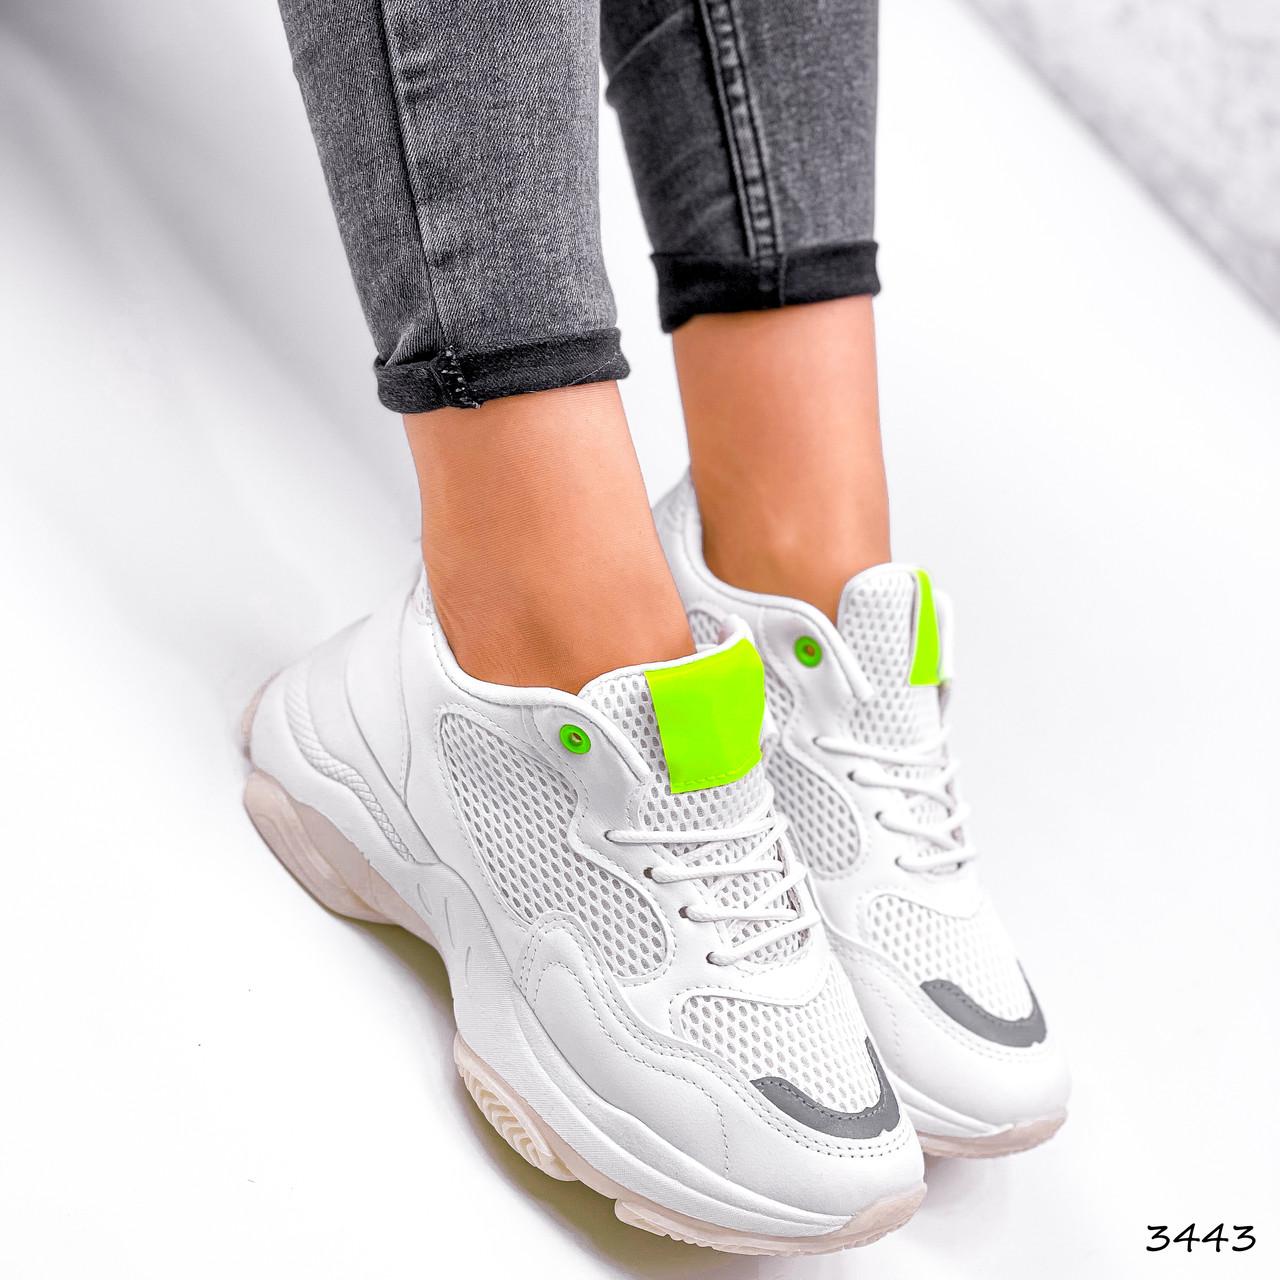 Кросівки жіночі Agnes білі + салатовий 3443